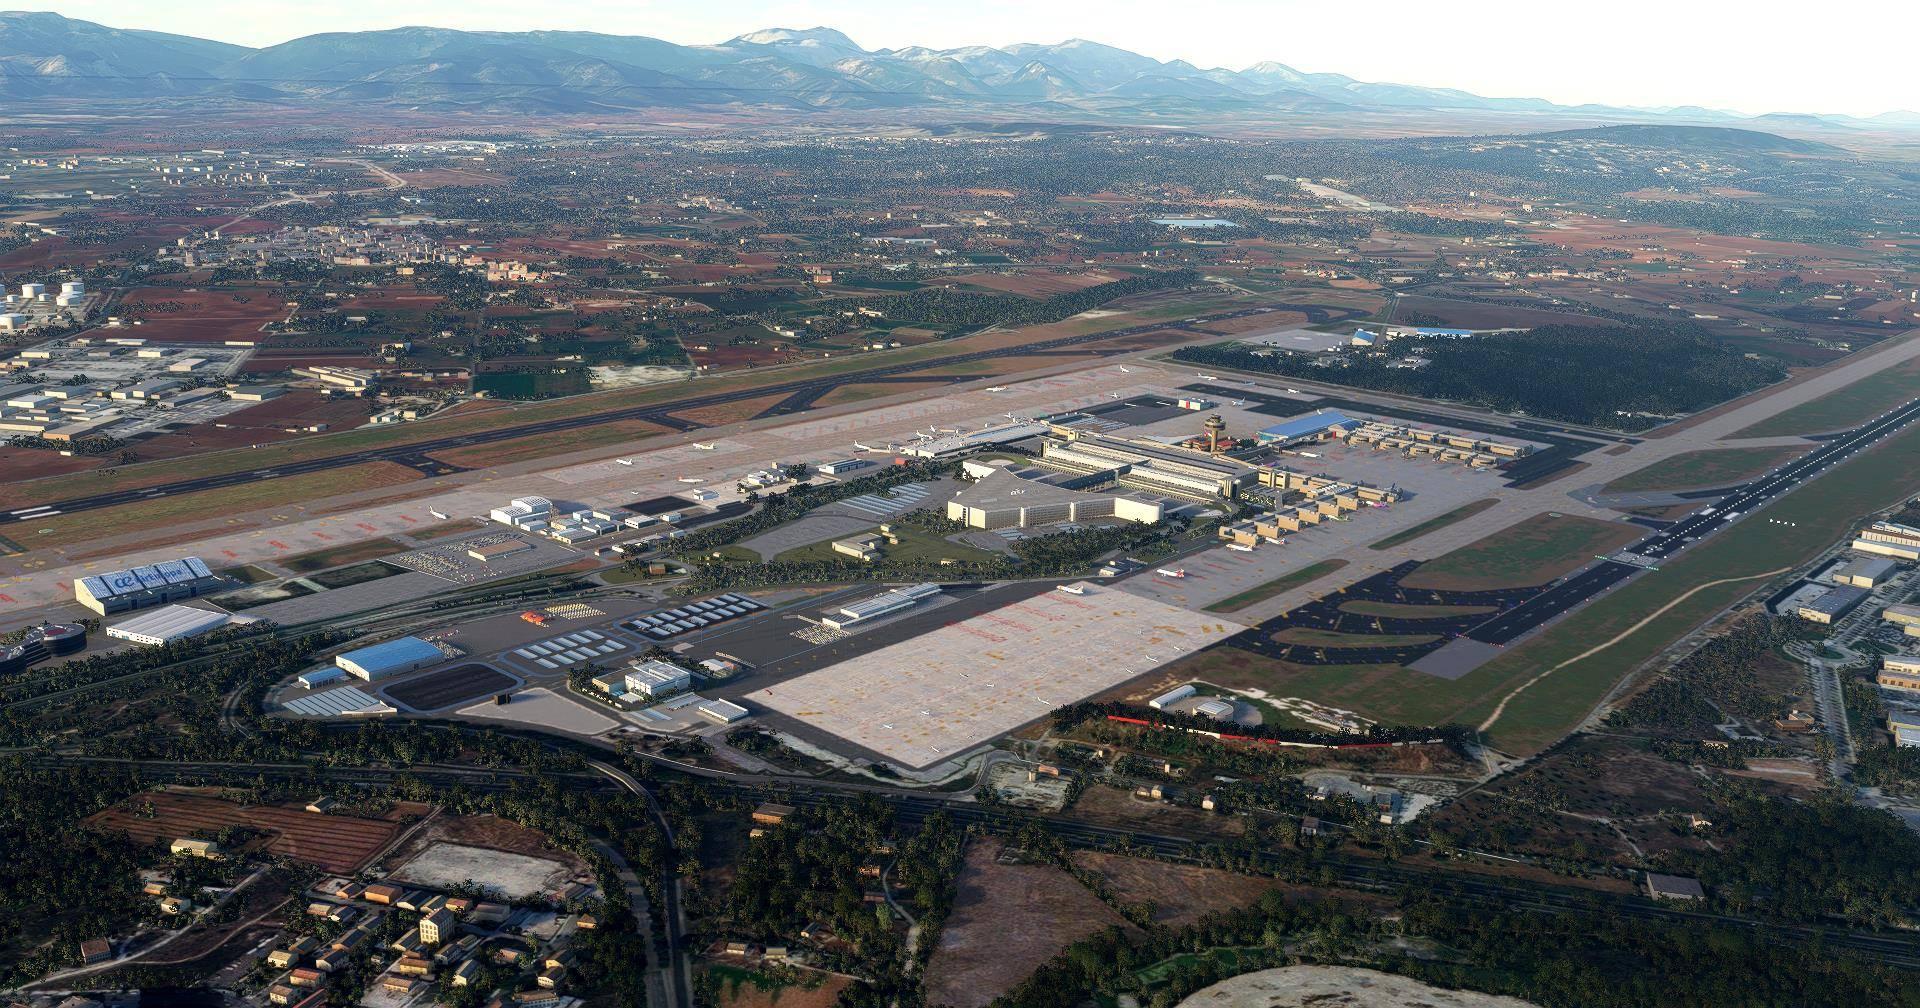 palma-de-mallorca-airport-microsoft-flight-simulator_44_ss_l_211008080122